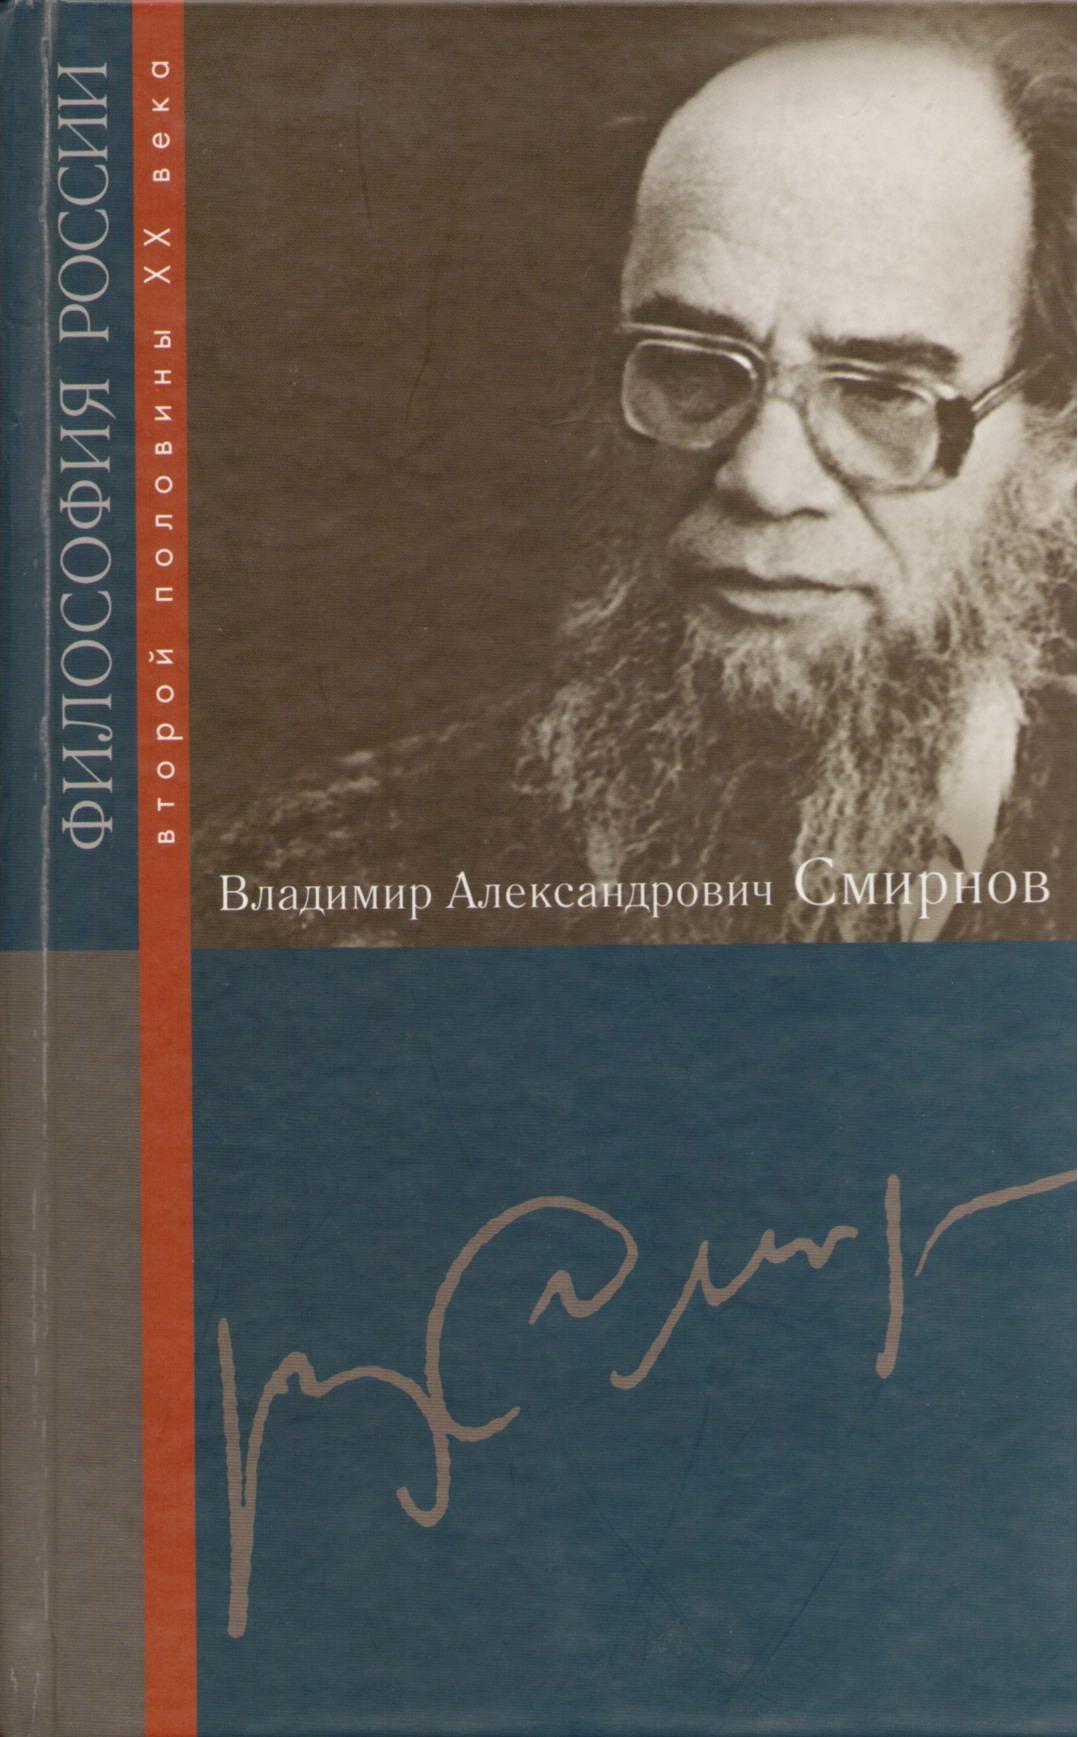 Логика и онтология в формальной философии В.А. Смирнова